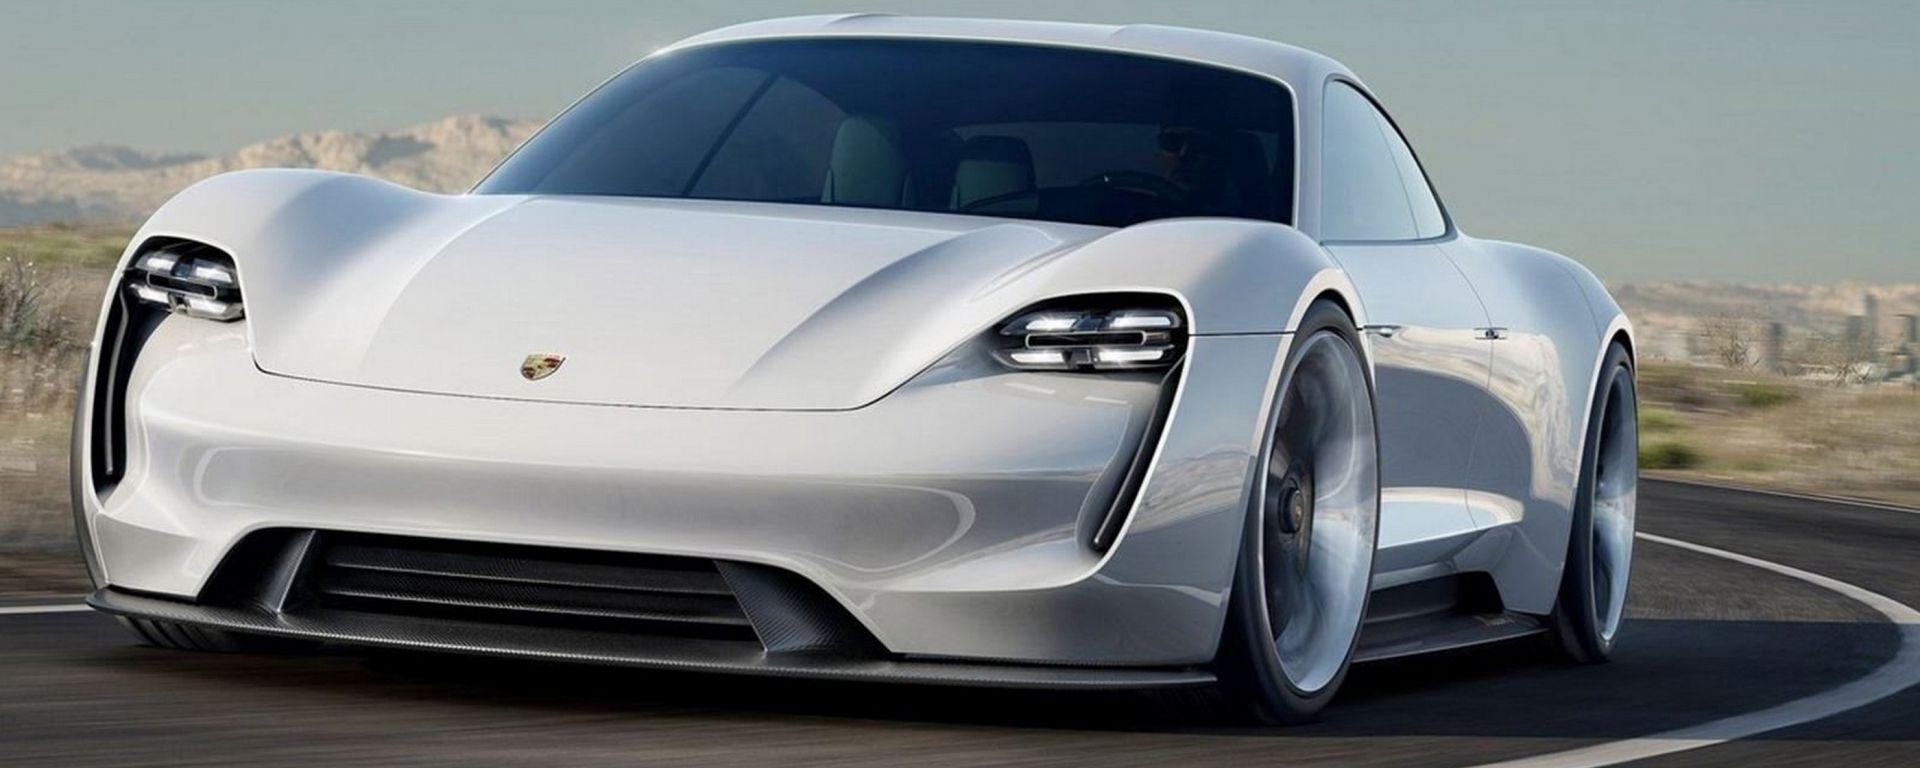 Porsche ribadisce: la Mission E non vede una rivale nella Tesla Model S